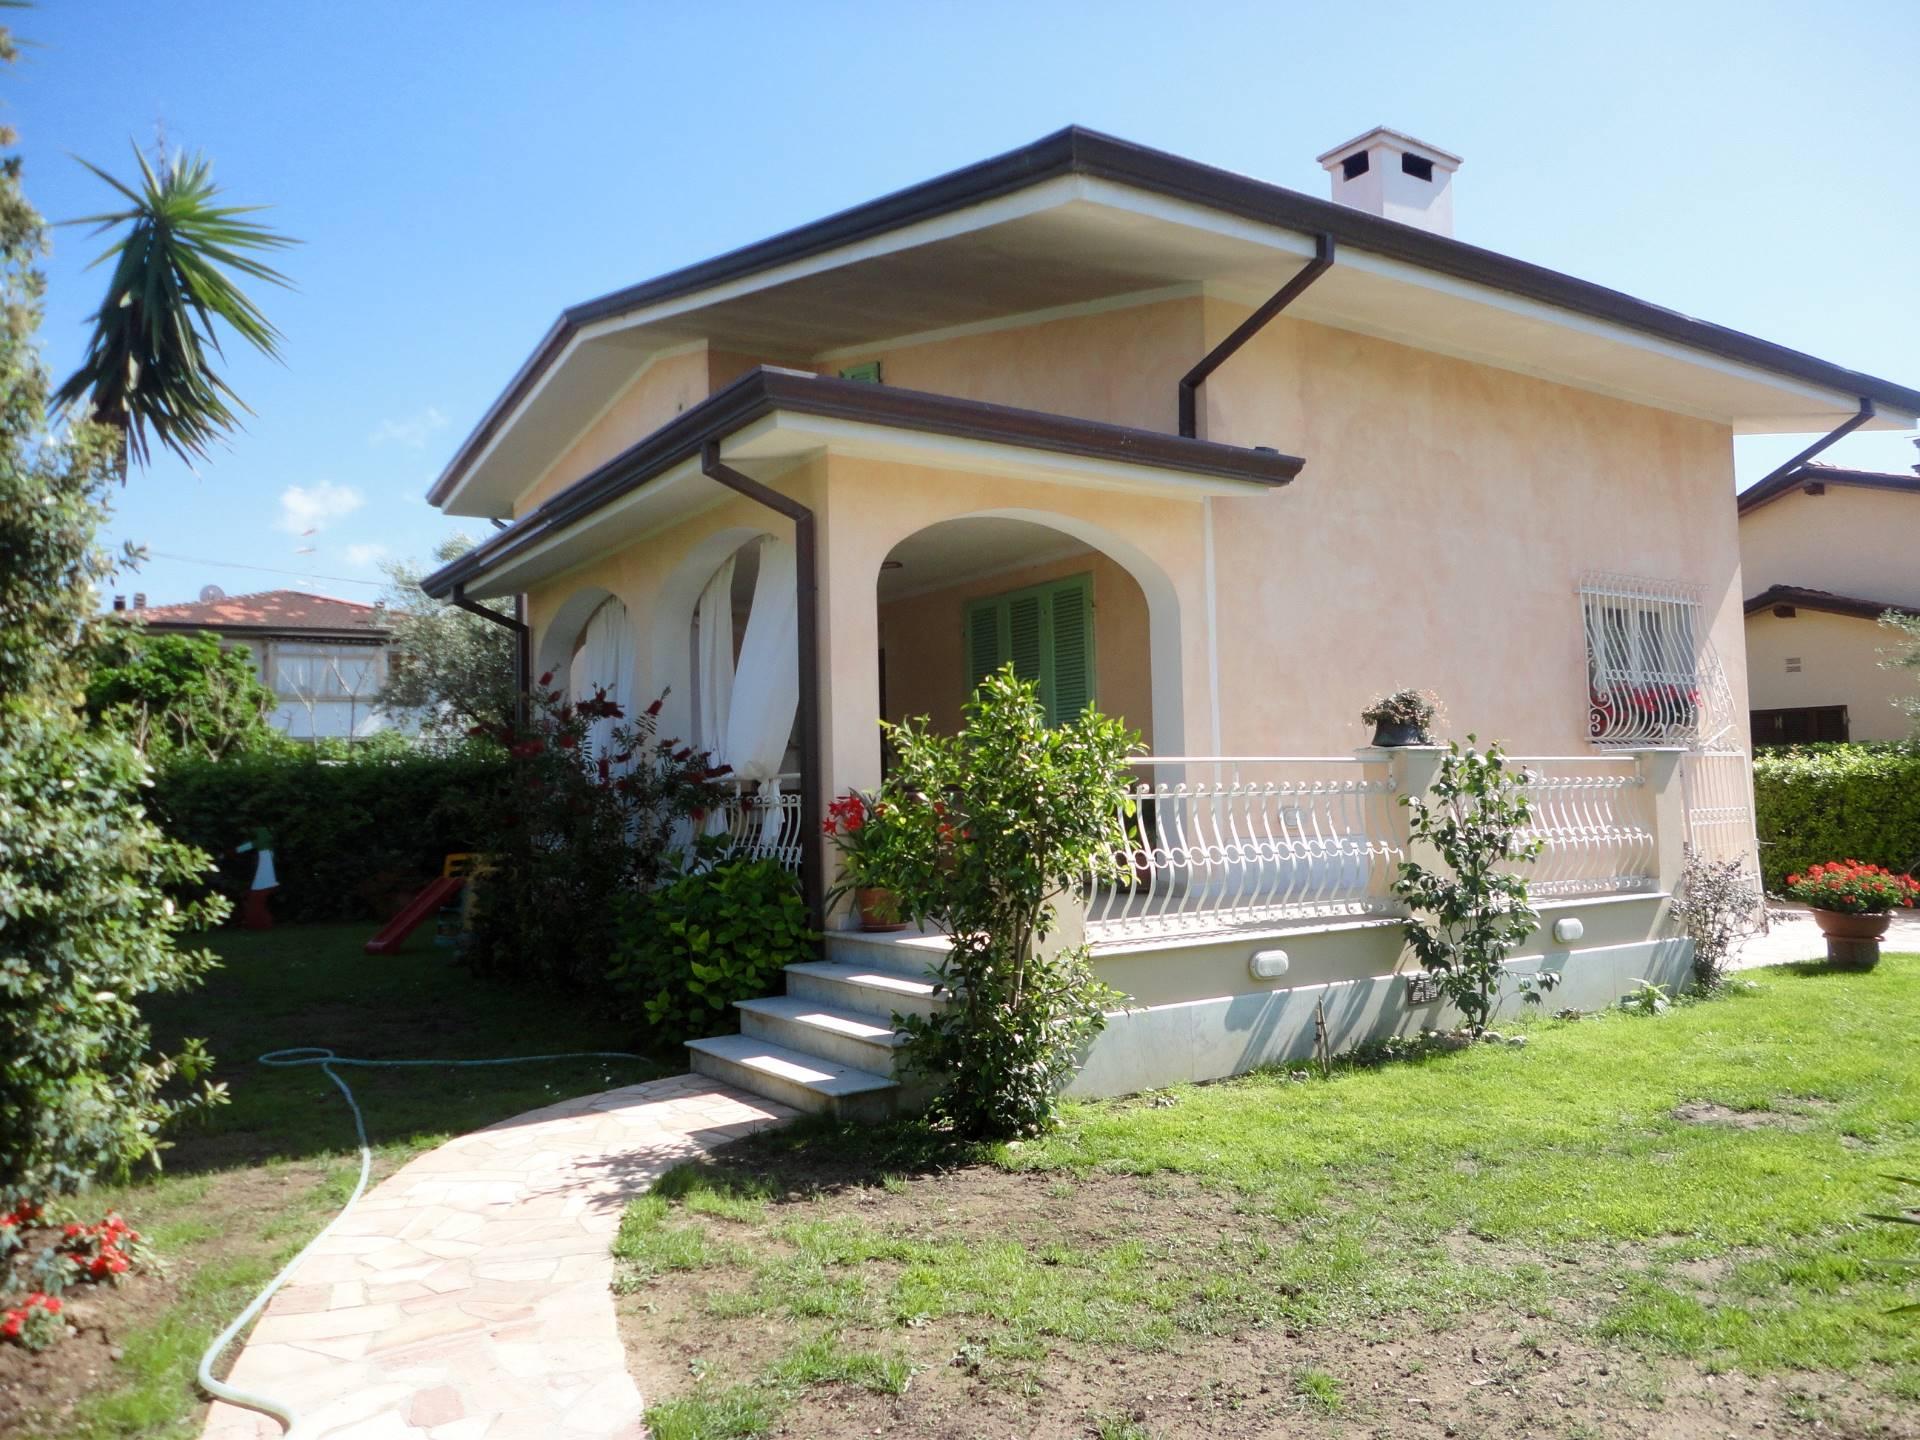 Villa in affitto a Forte dei Marmi, 9 locali, zona Zona: Centro, Trattative riservate   CambioCasa.it